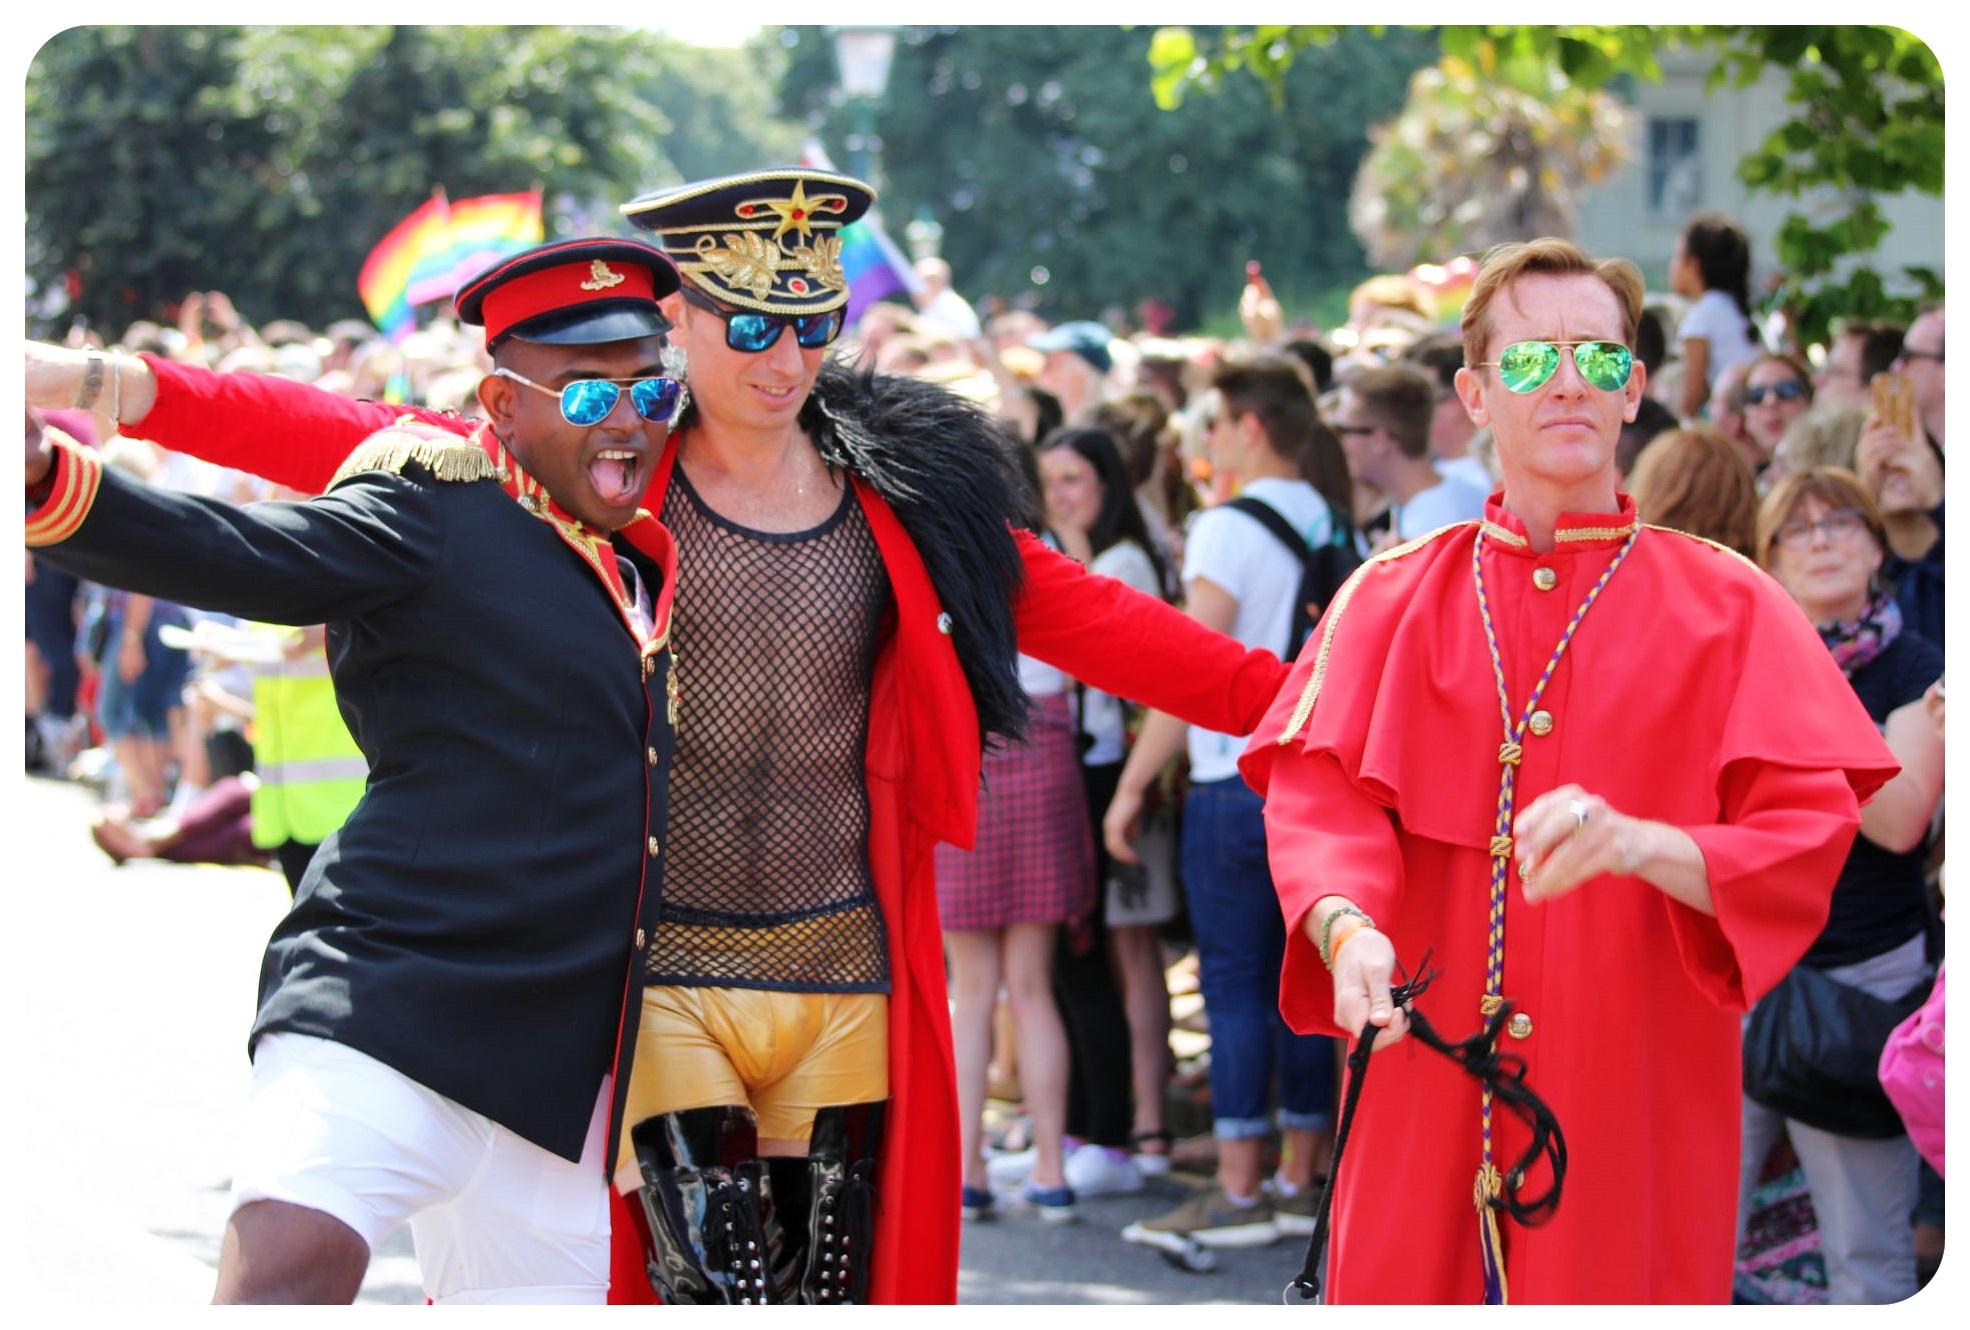 brighton pride parade